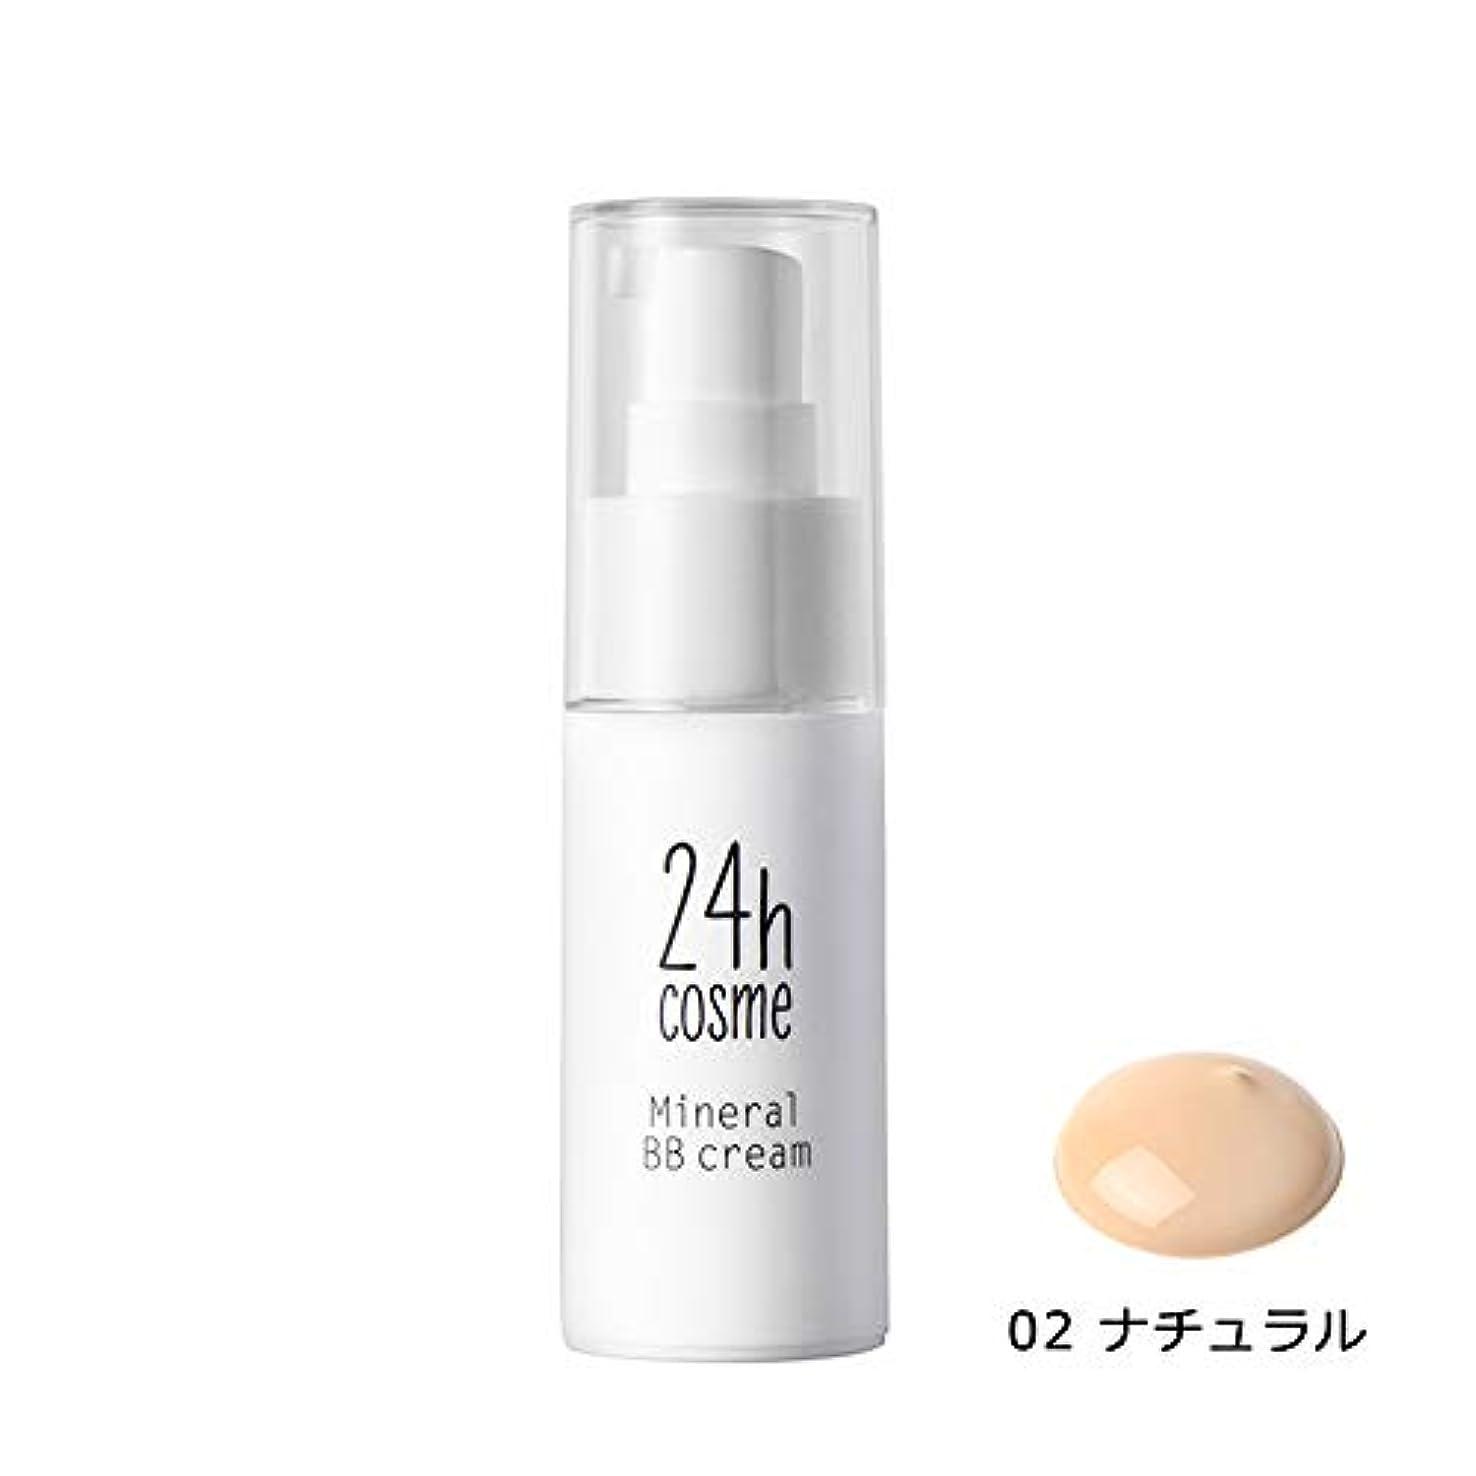 シマウマ検出する商人24h cosme 24 ミネラルBBクリーム 02 ナチュラル SPF30PA+++